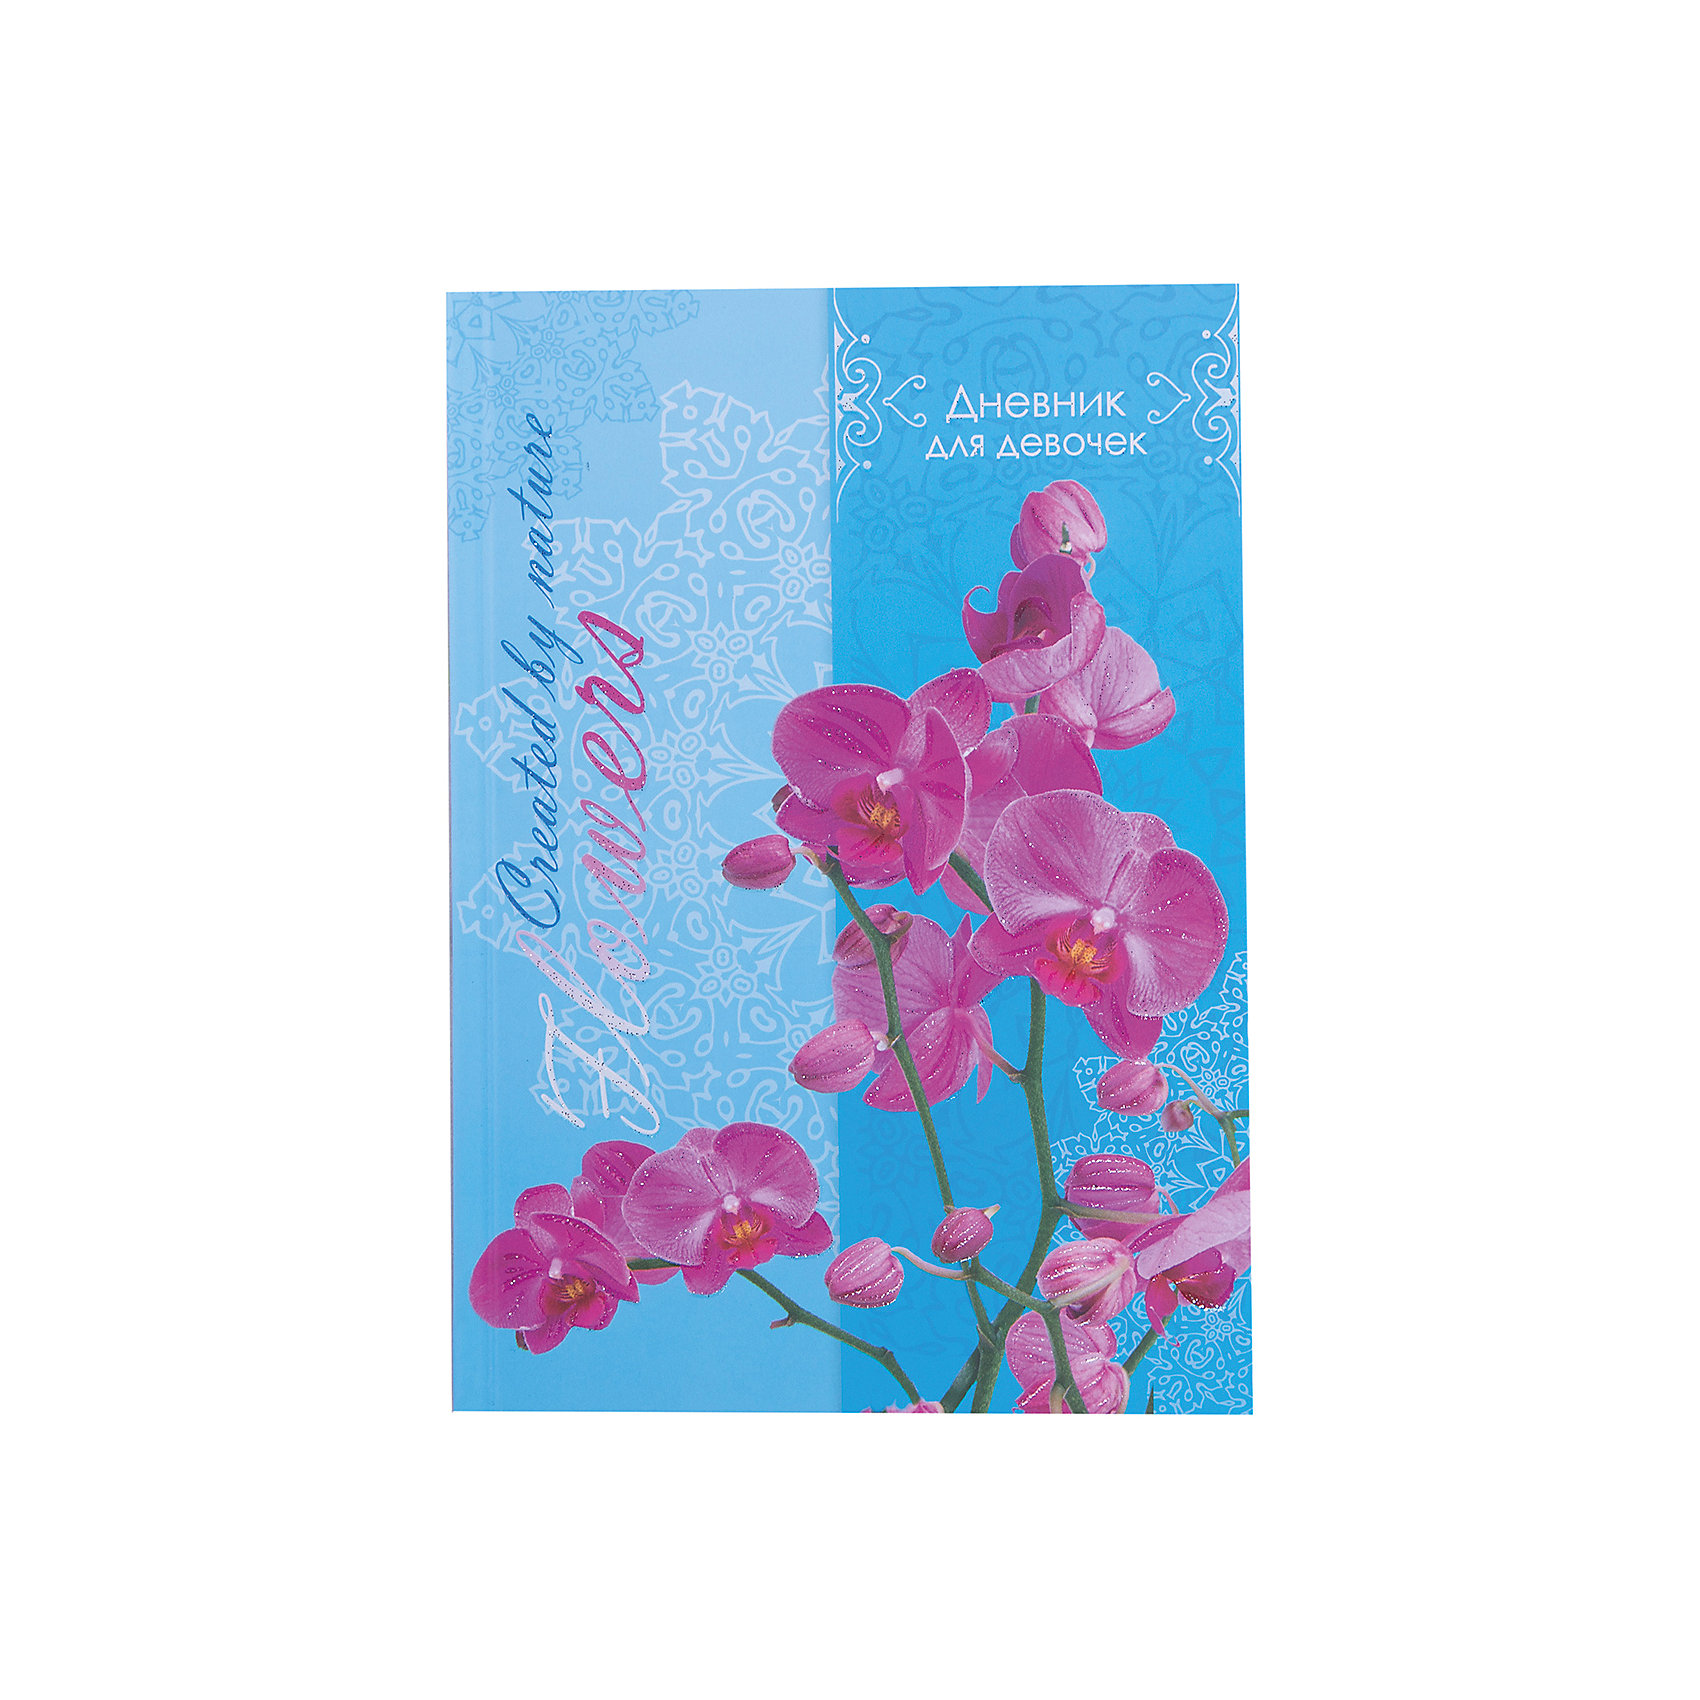 Дневник для девочек в твердом переплете формата А5, декорированном глиттером Орхидея. 80 листовБумажная продукция<br>Дневник для девочек в твердом переплете формата А5, декорированном глиттером Орхидея. 80 листов, тонированный офсет.<br><br>Ширина мм: 206<br>Глубина мм: 146<br>Высота мм: 11<br>Вес г: 225<br>Возраст от месяцев: 36<br>Возраст до месяцев: 216<br>Пол: Женский<br>Возраст: Детский<br>SKU: 6992554